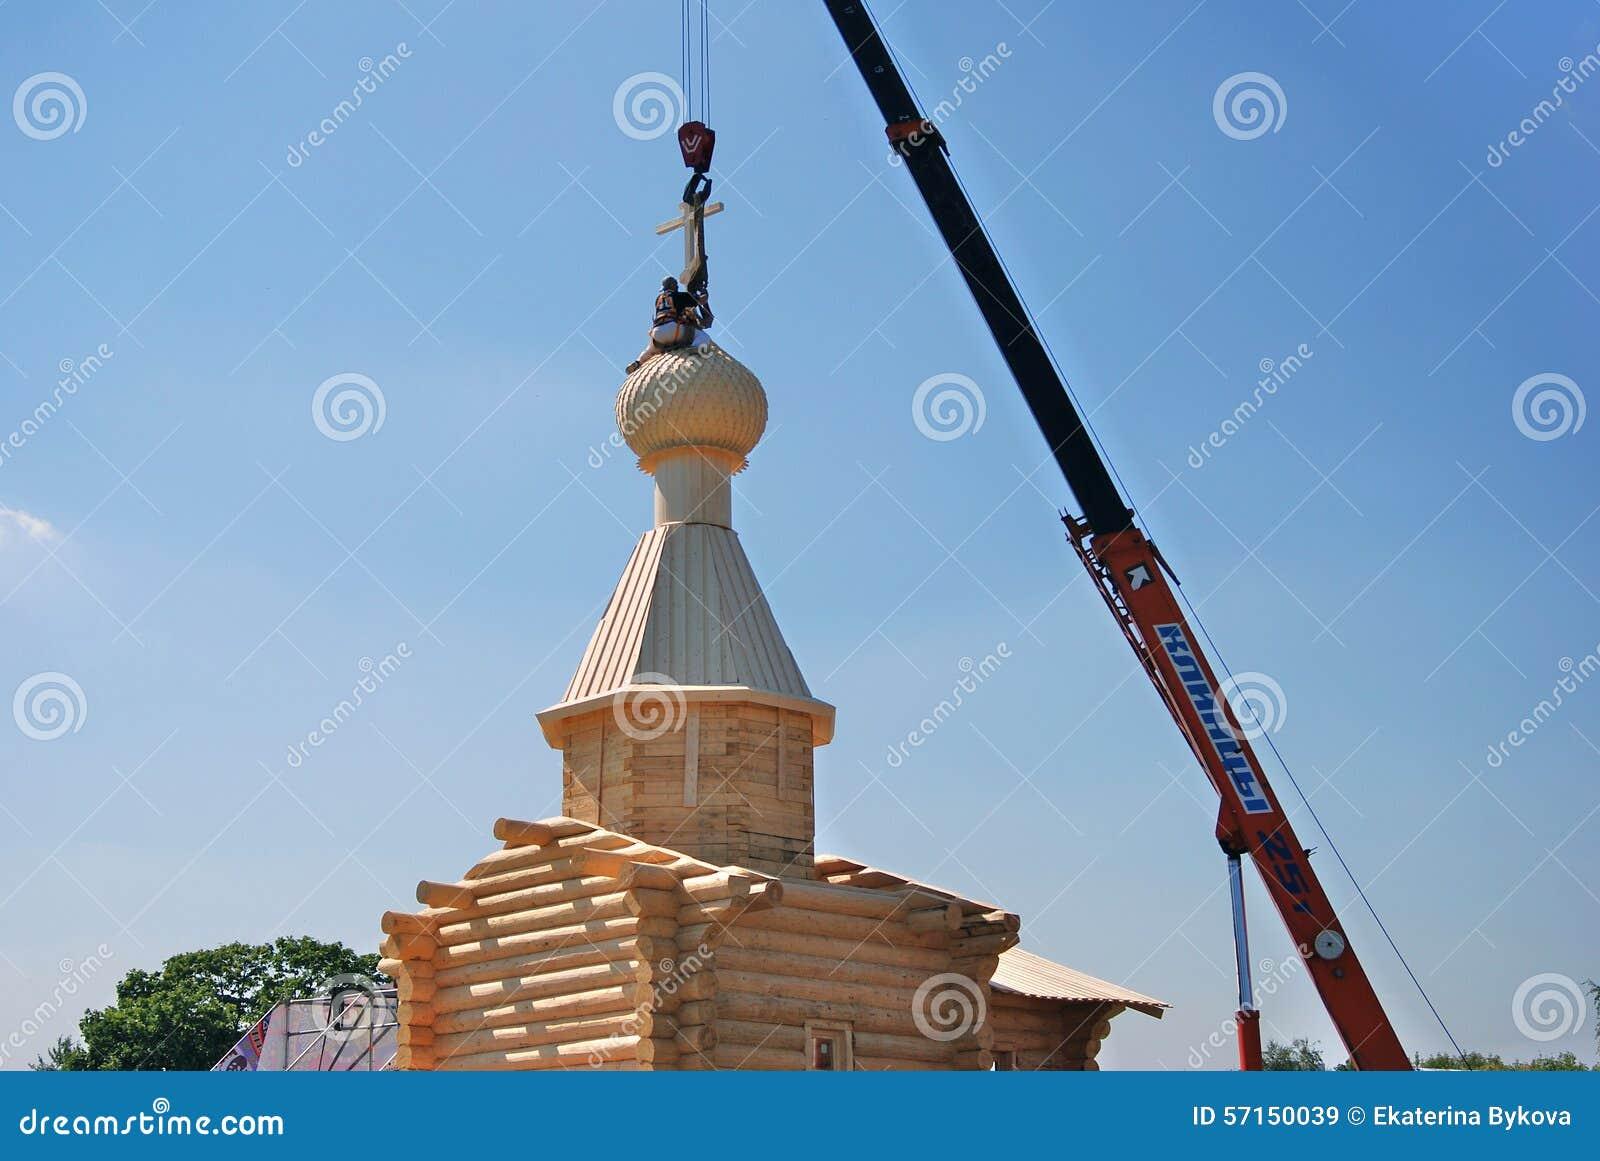 Costruzione di una chiesa in un giorno nel parco di for Costruzione di un soppalco nel garage